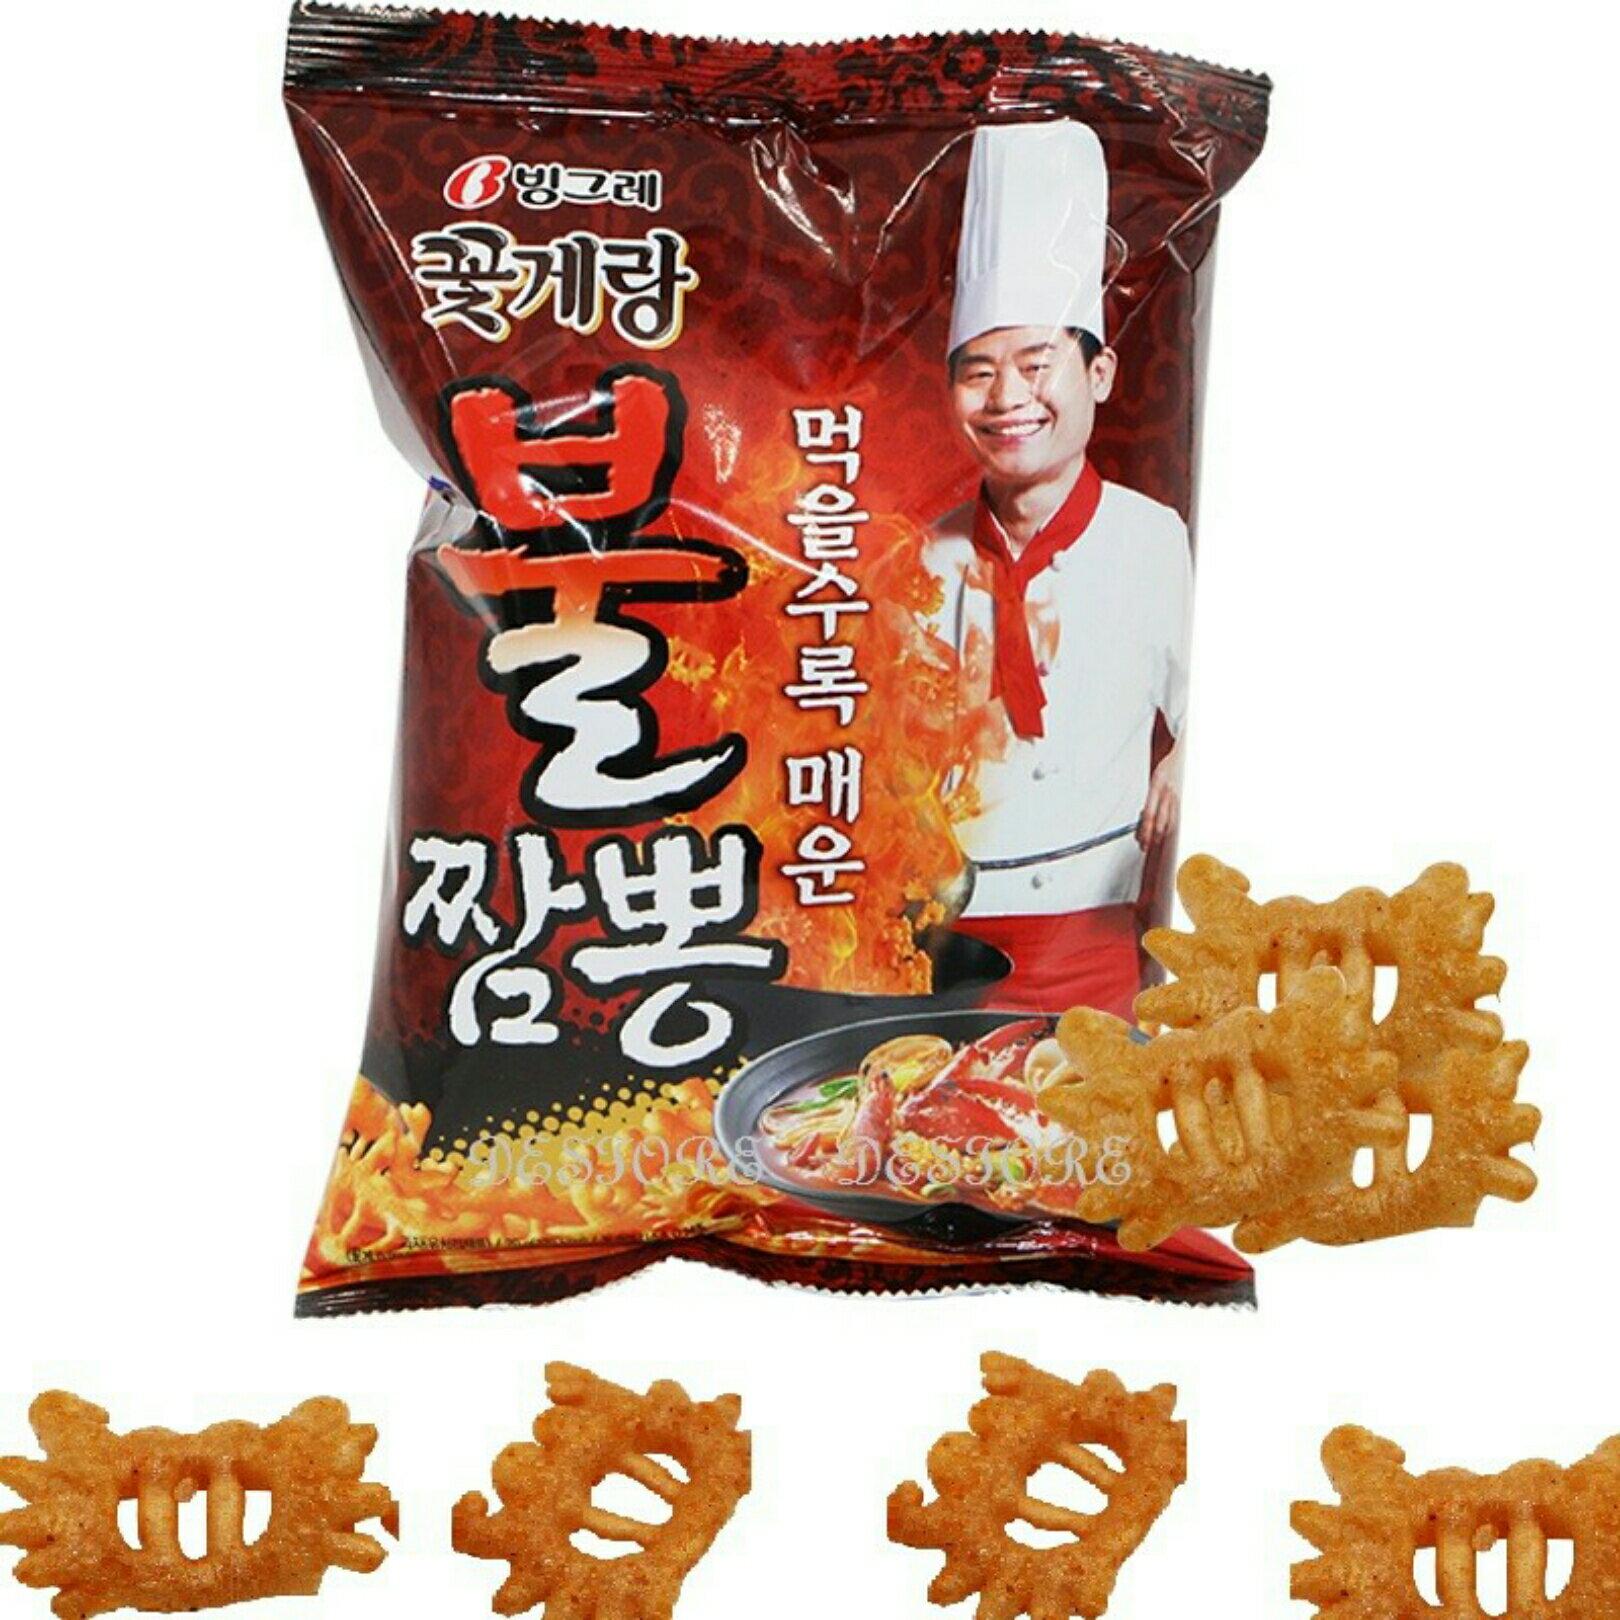 有樂町進口食品 韓國版阿基師推薦 李連福螃蟹炒碼麵餅乾 70g 8801111919609 0